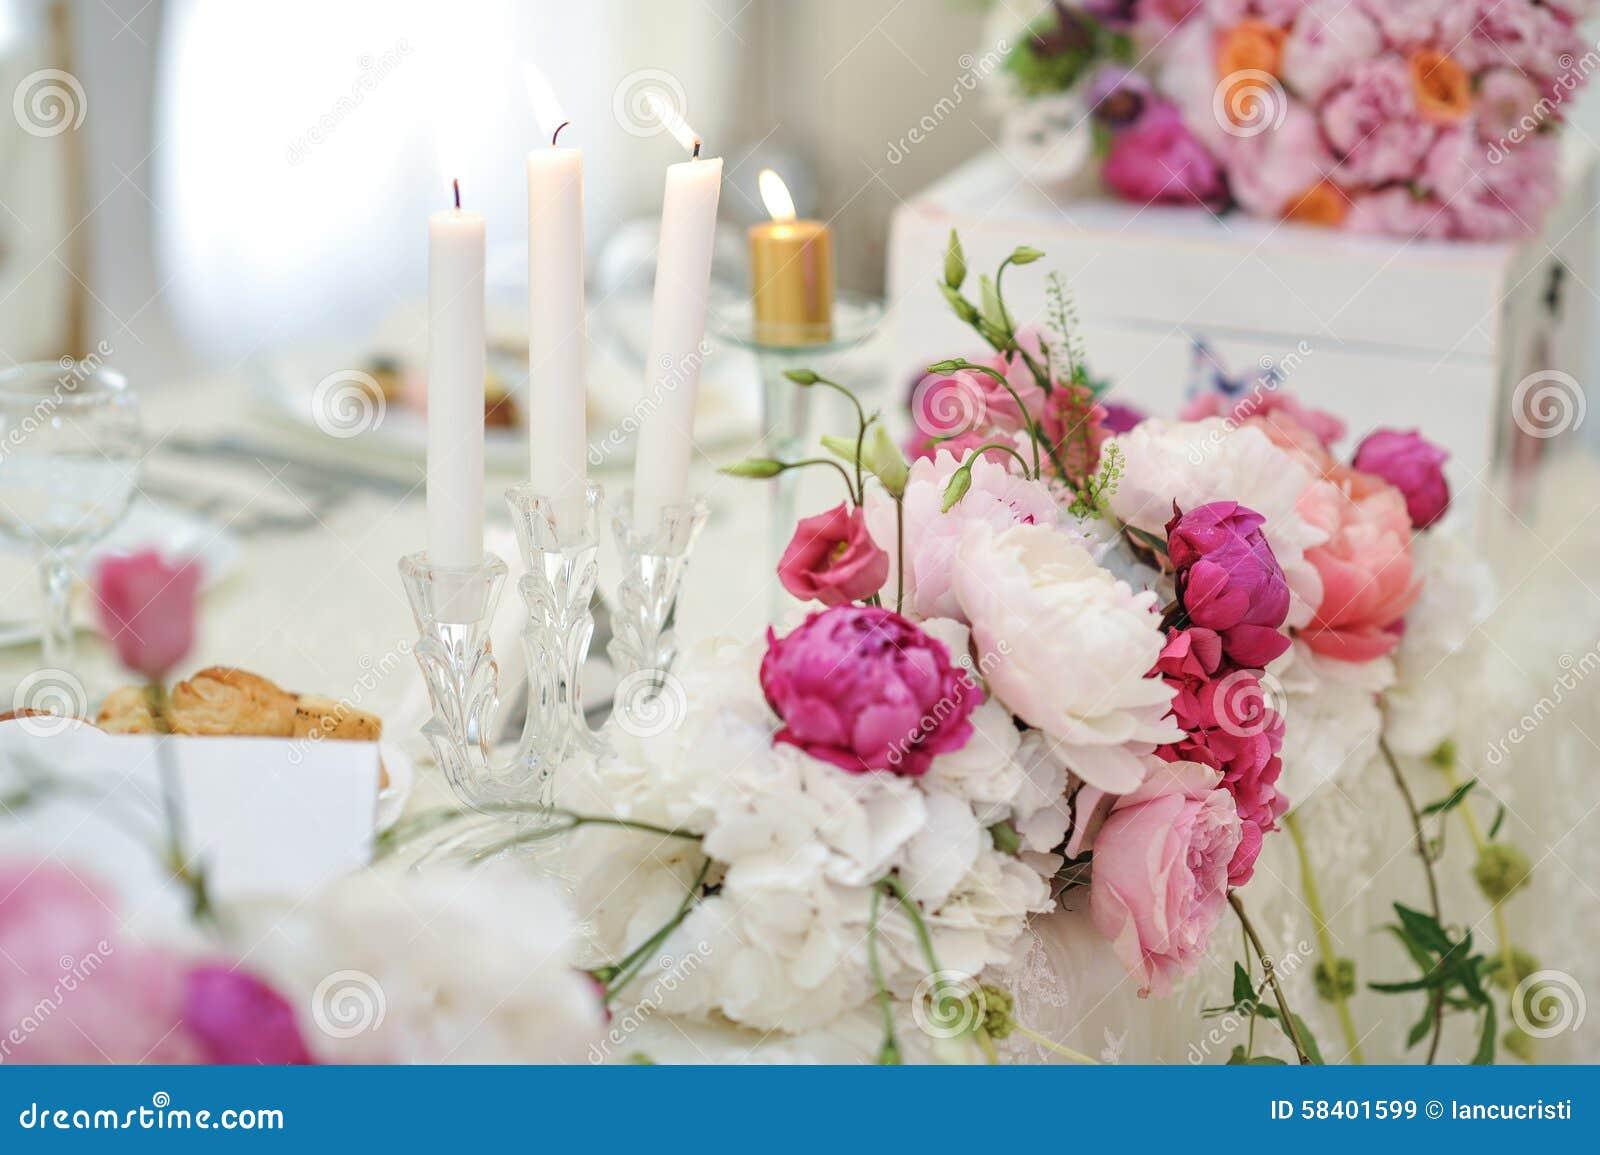 Hochzeitsdekoration Auf Tabelle Blumengestecke Und Dekoration